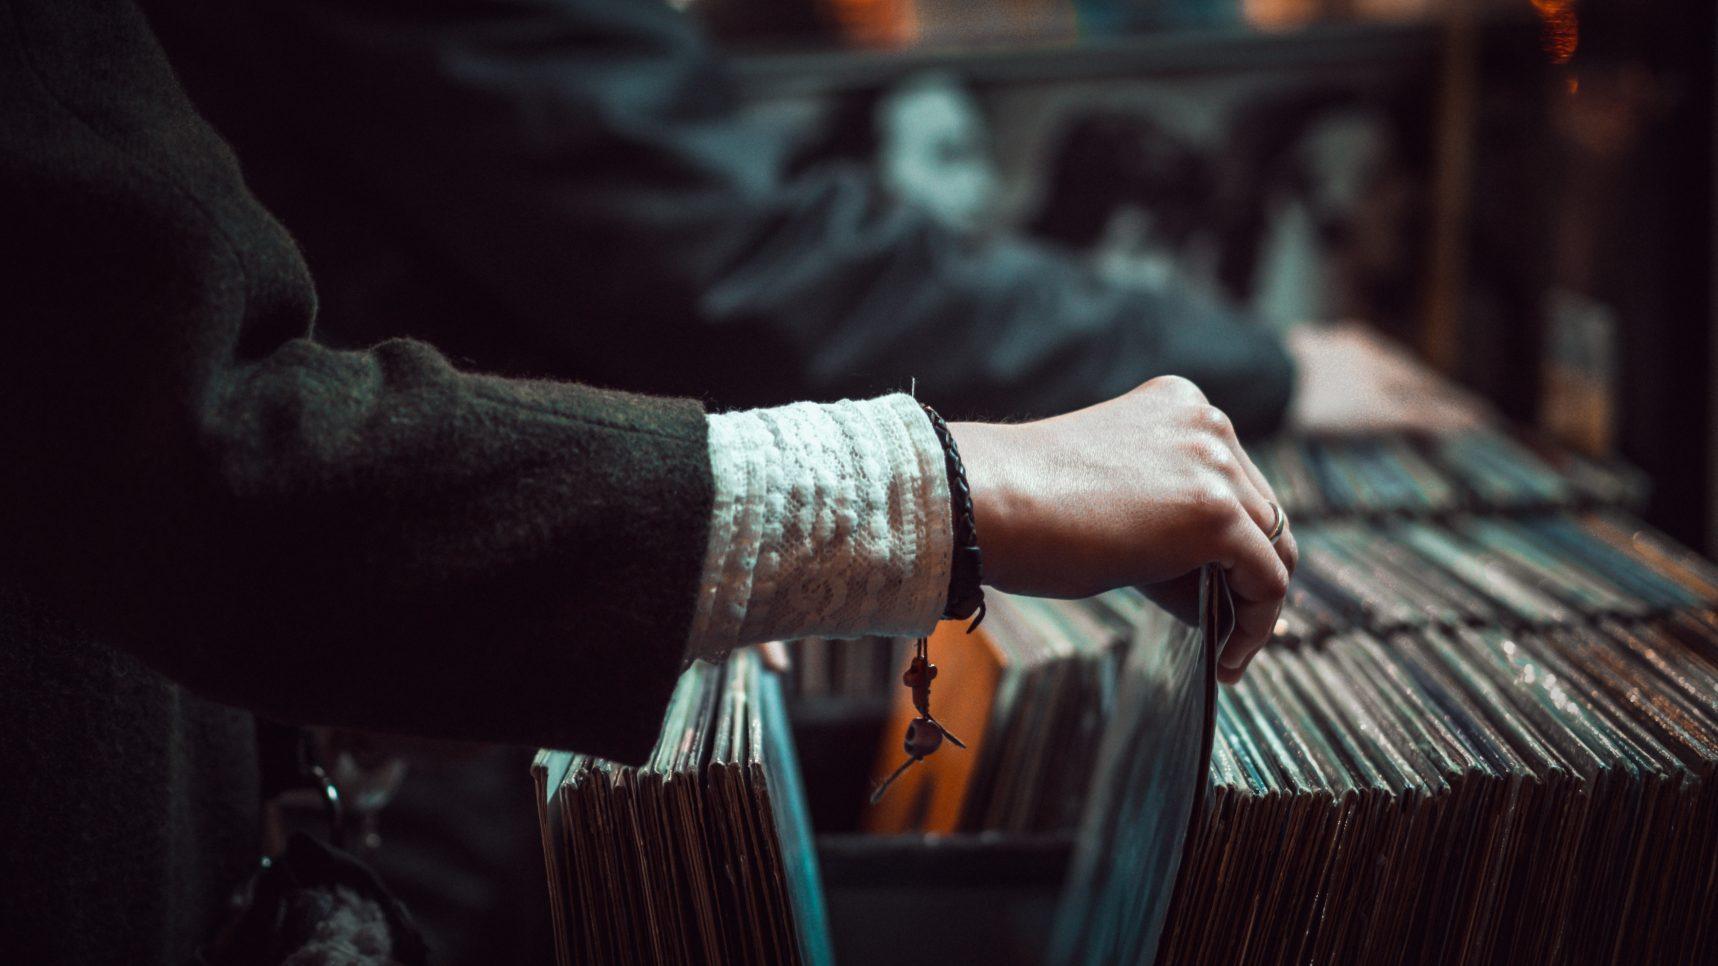 【邦楽】必聴!夏におすすめのHIPHOP界隈の音楽たち